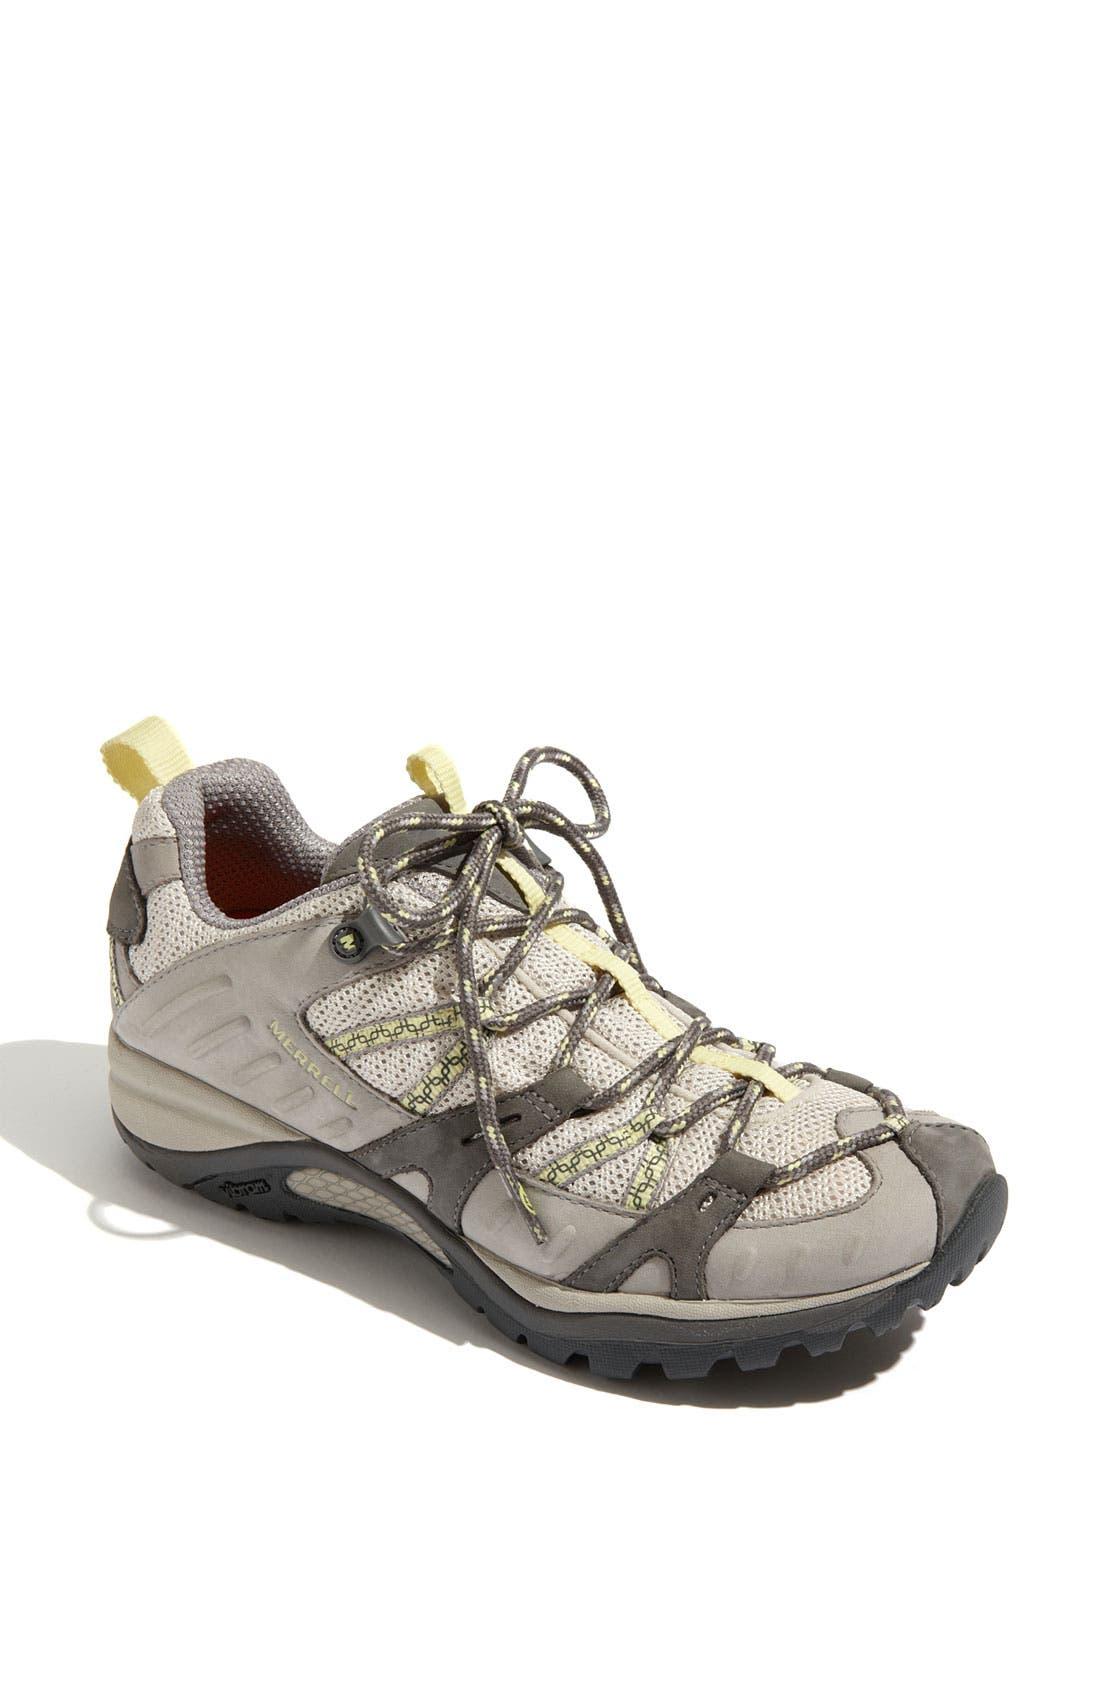 Alternate Image 1 Selected - Merrell 'Siren Sport' Outdoor Shoe (Women)